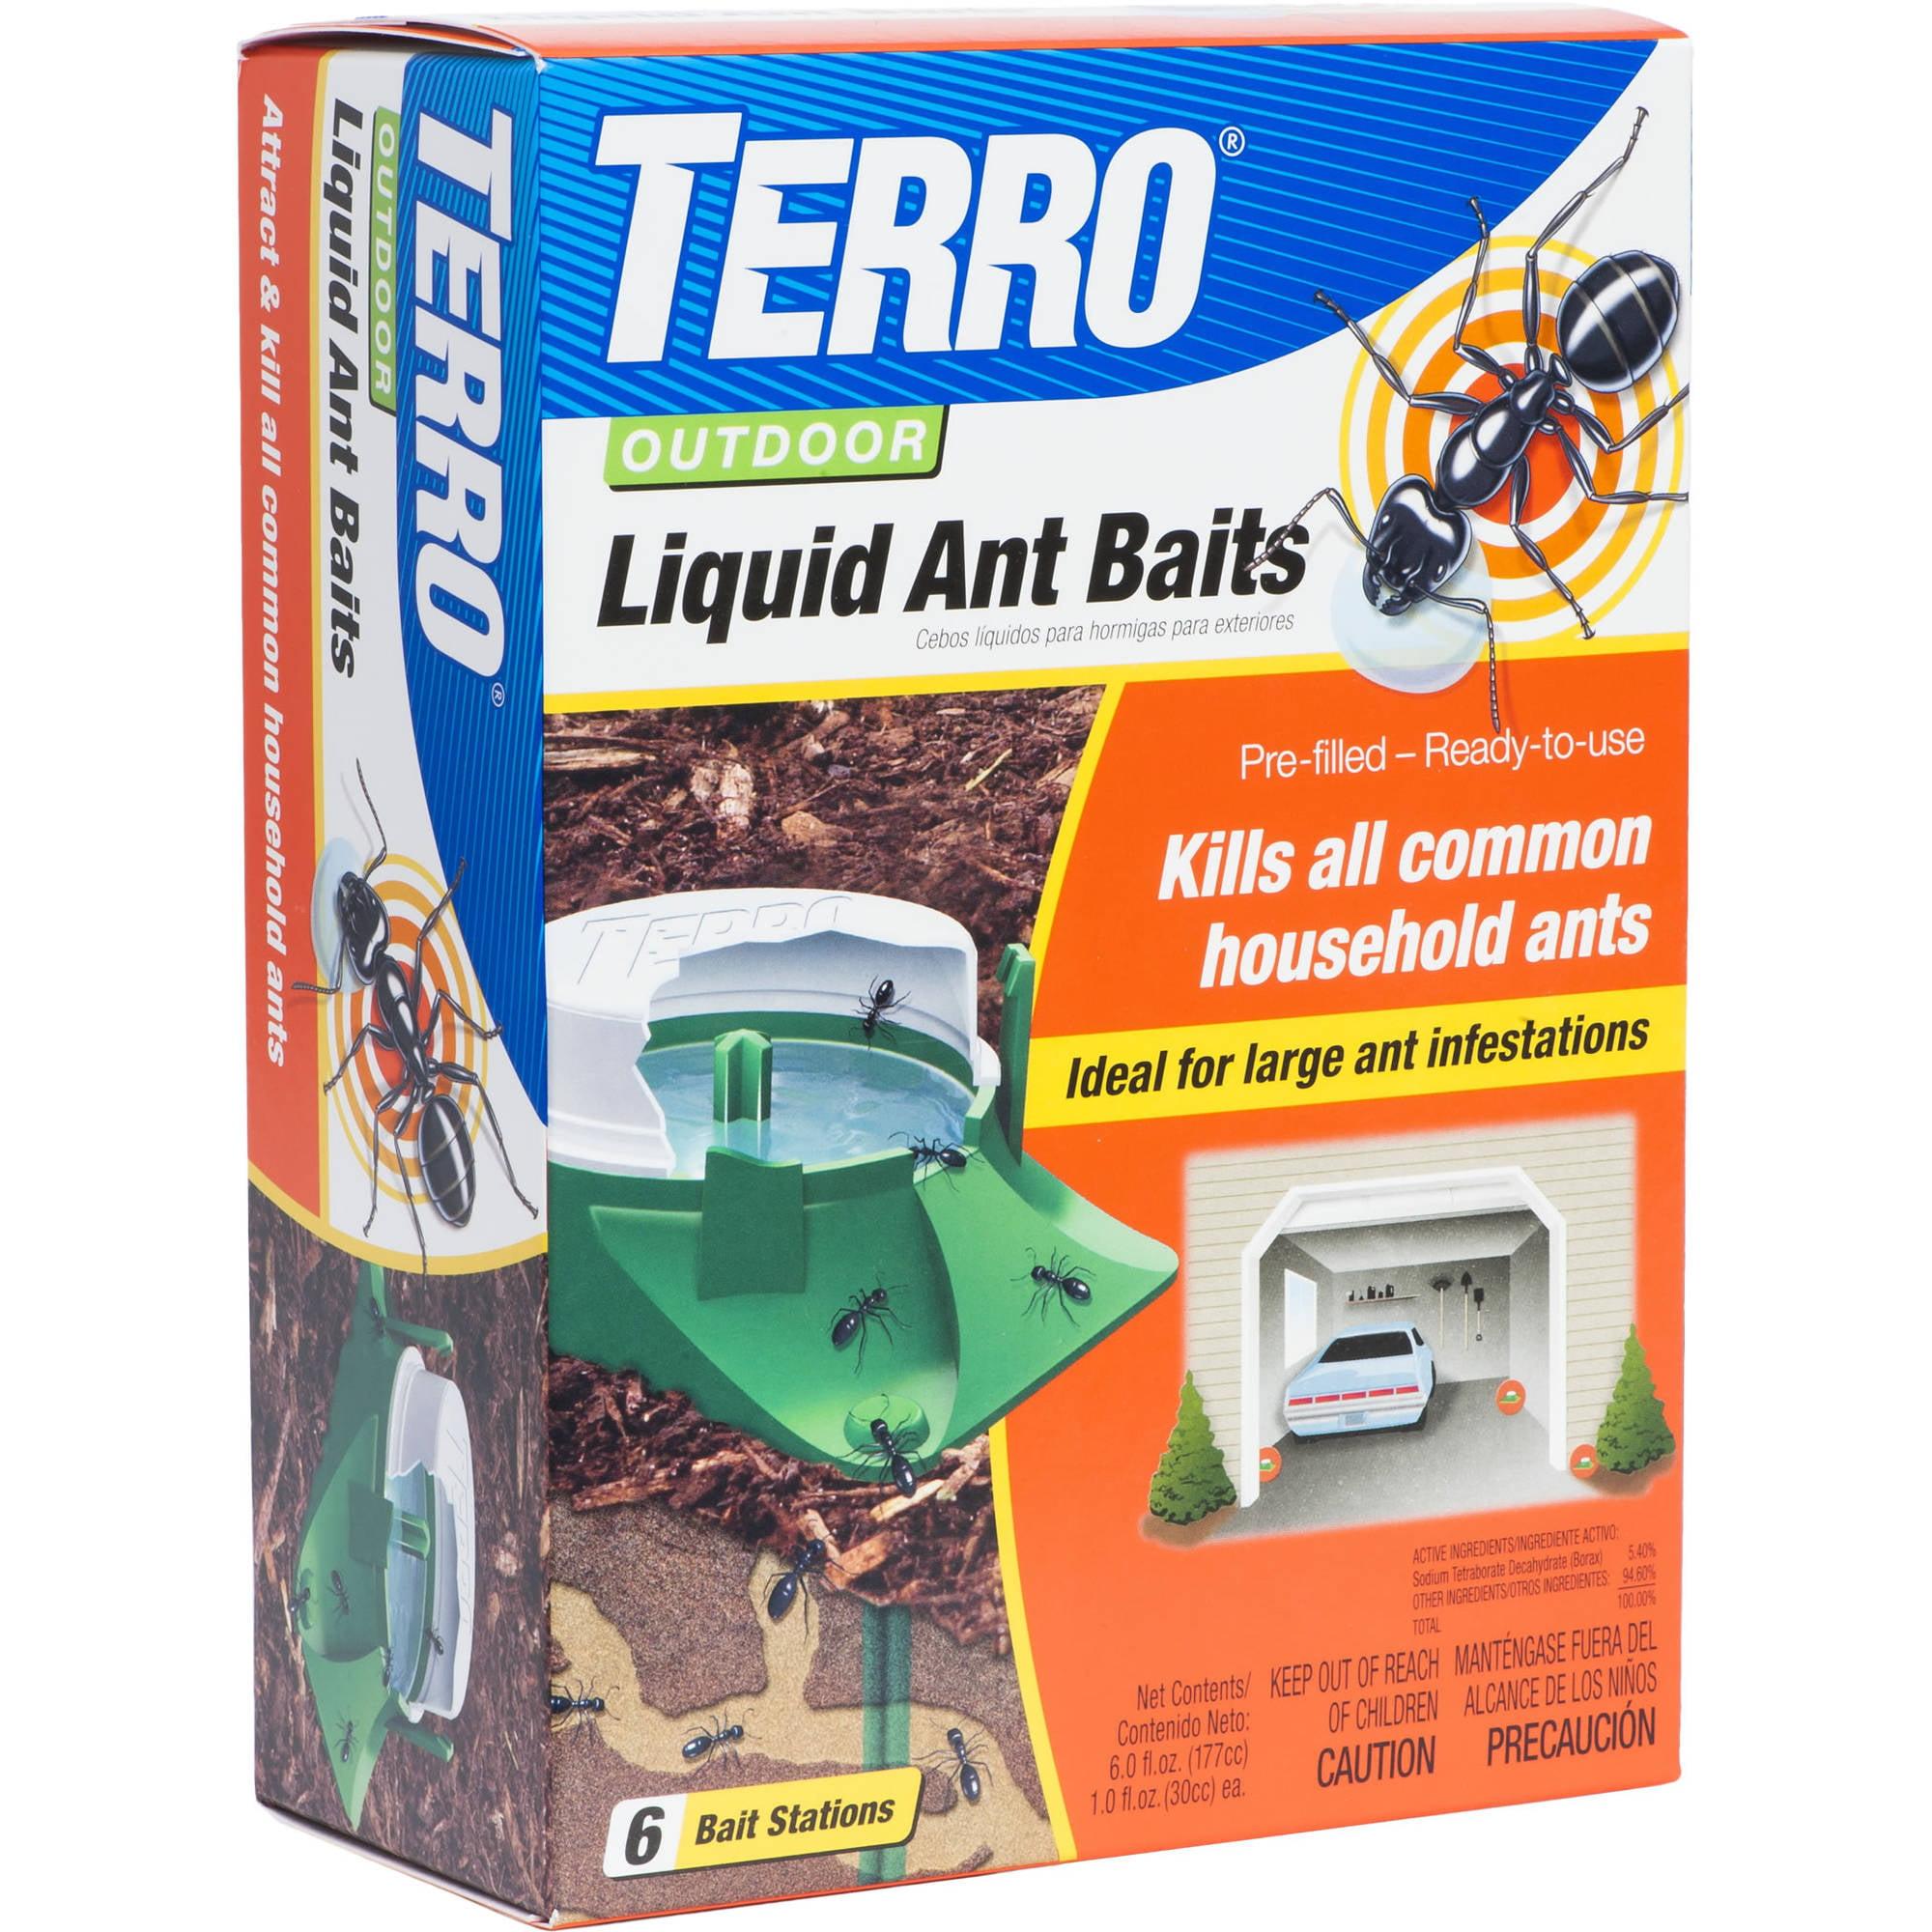 TERRO 6-Pack Outdoor Liquid Ant Baits